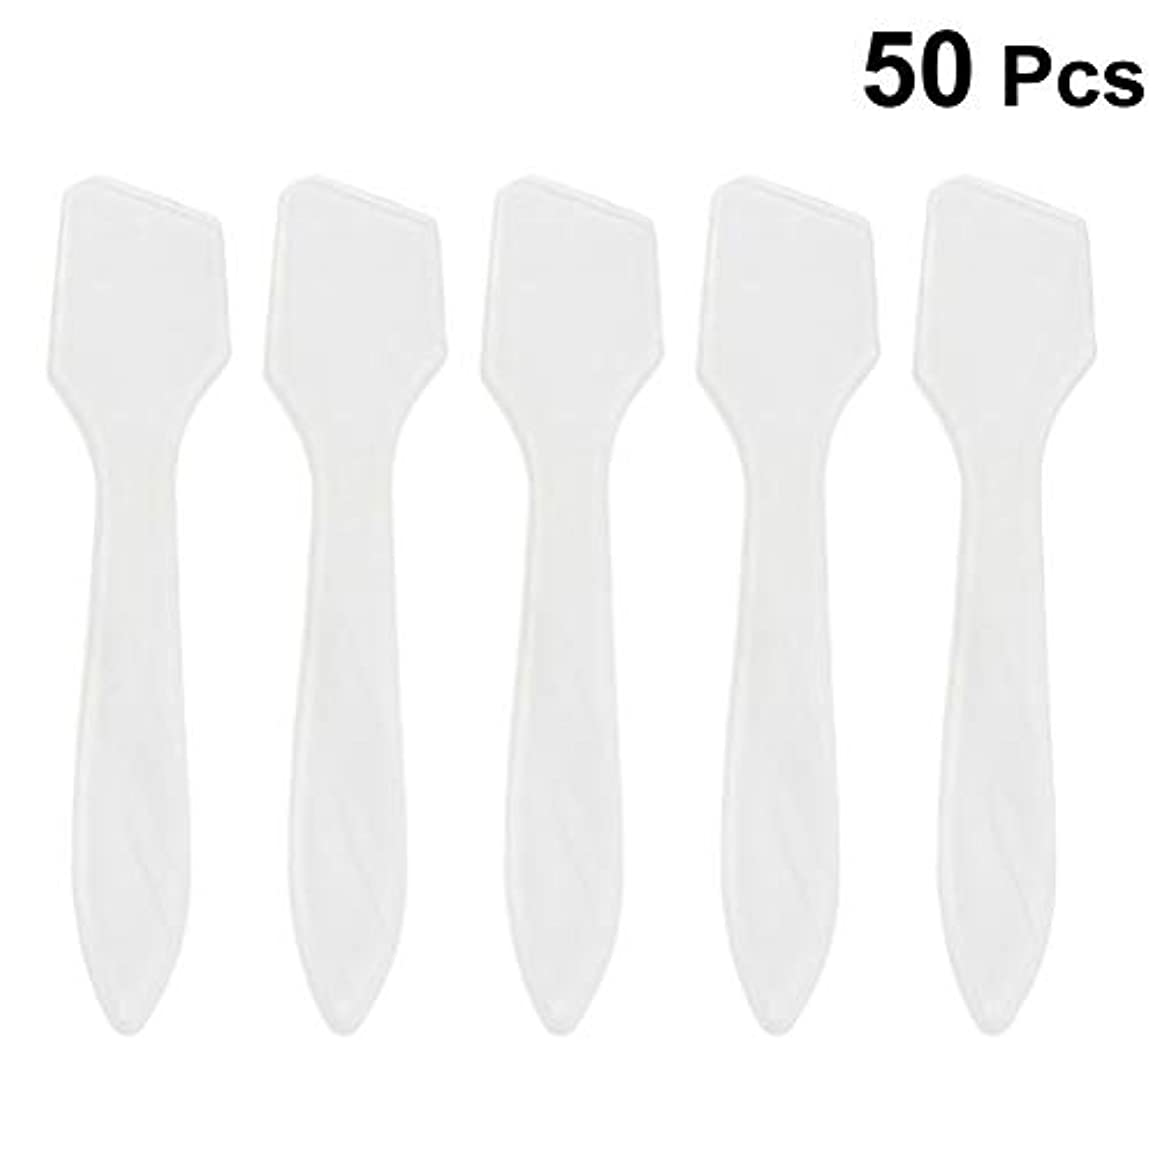 フローティング苗告白SUPVOX 50ピース化粧品スキンケアフェイスクリームマスク混合ヘラアプリケータツール